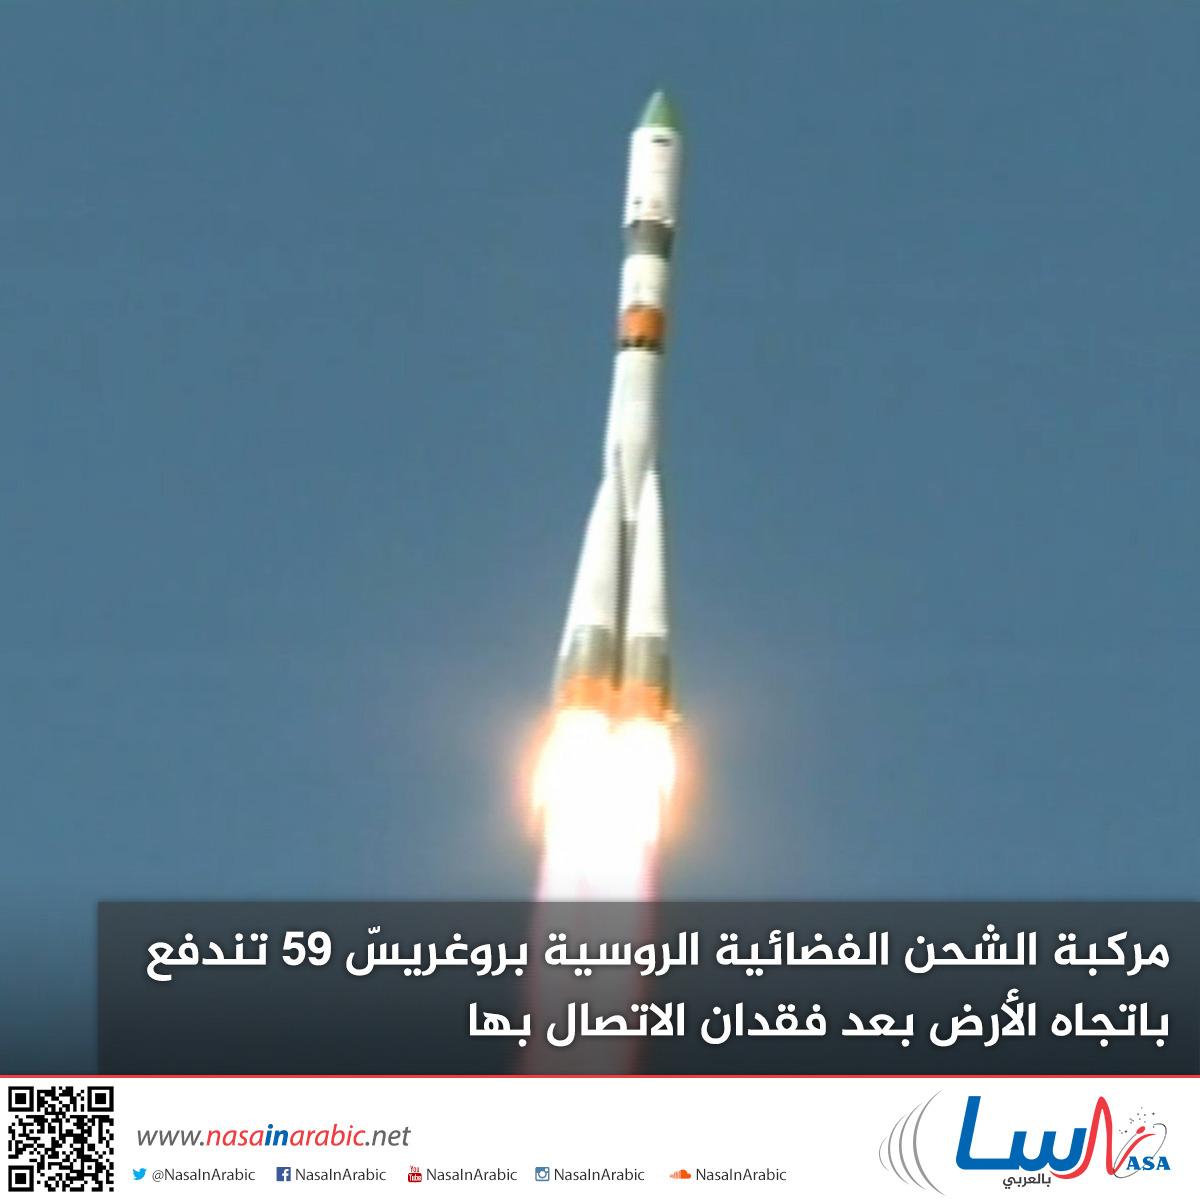 مركبة الشحن الفضائية الروسية بروغريسّ 59 تندفع باتجاه الأرض بعد فقدان الاتصال بها